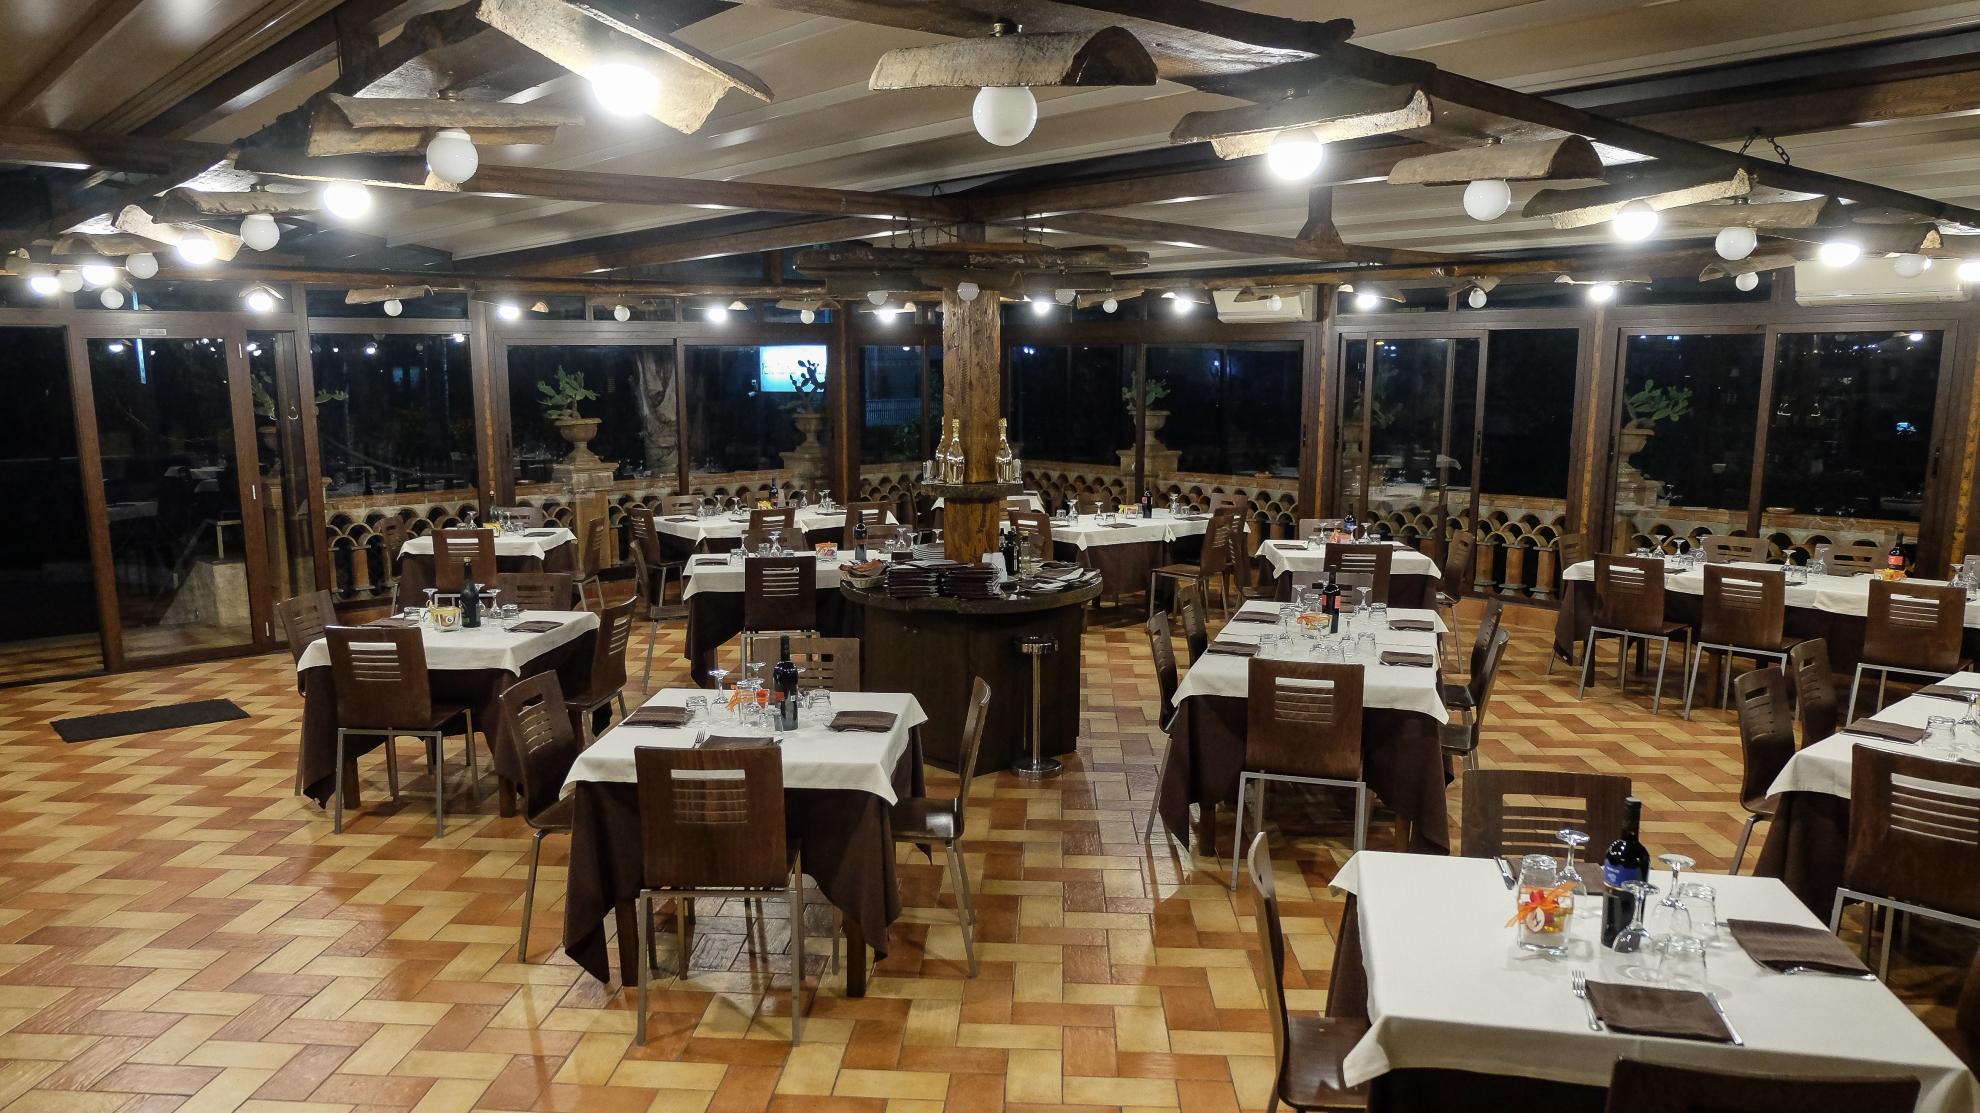 Al Borgo di Sciacca - Pizzeria Ristorante, Aci Catena